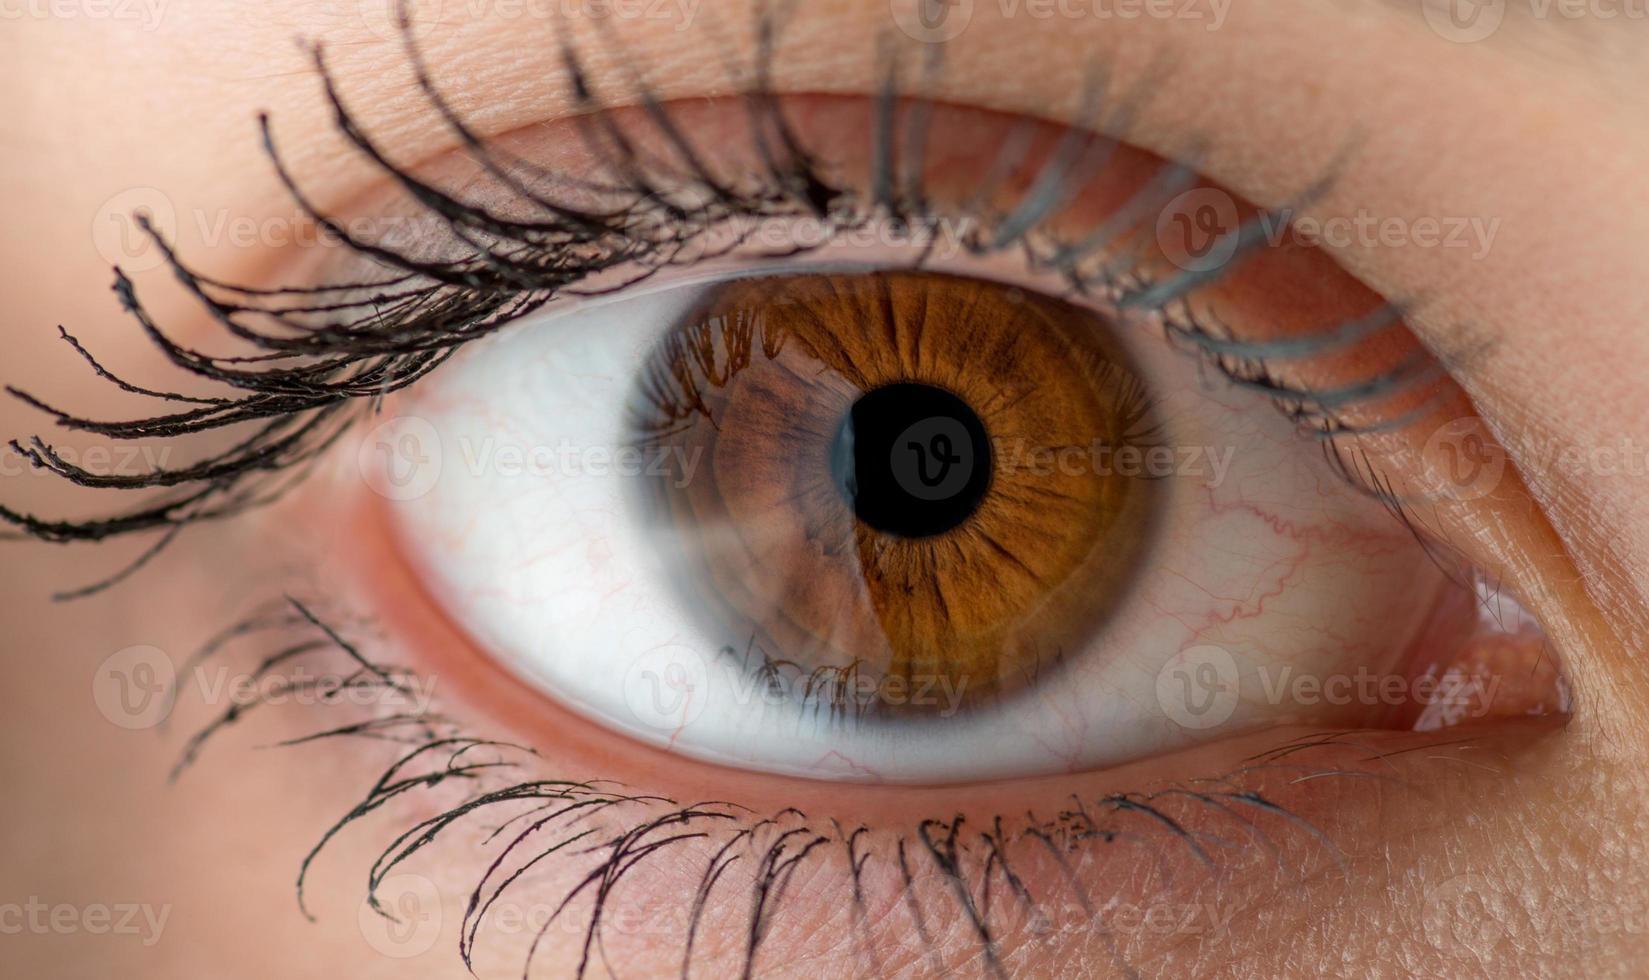 menschliches Auge. Makro. foto